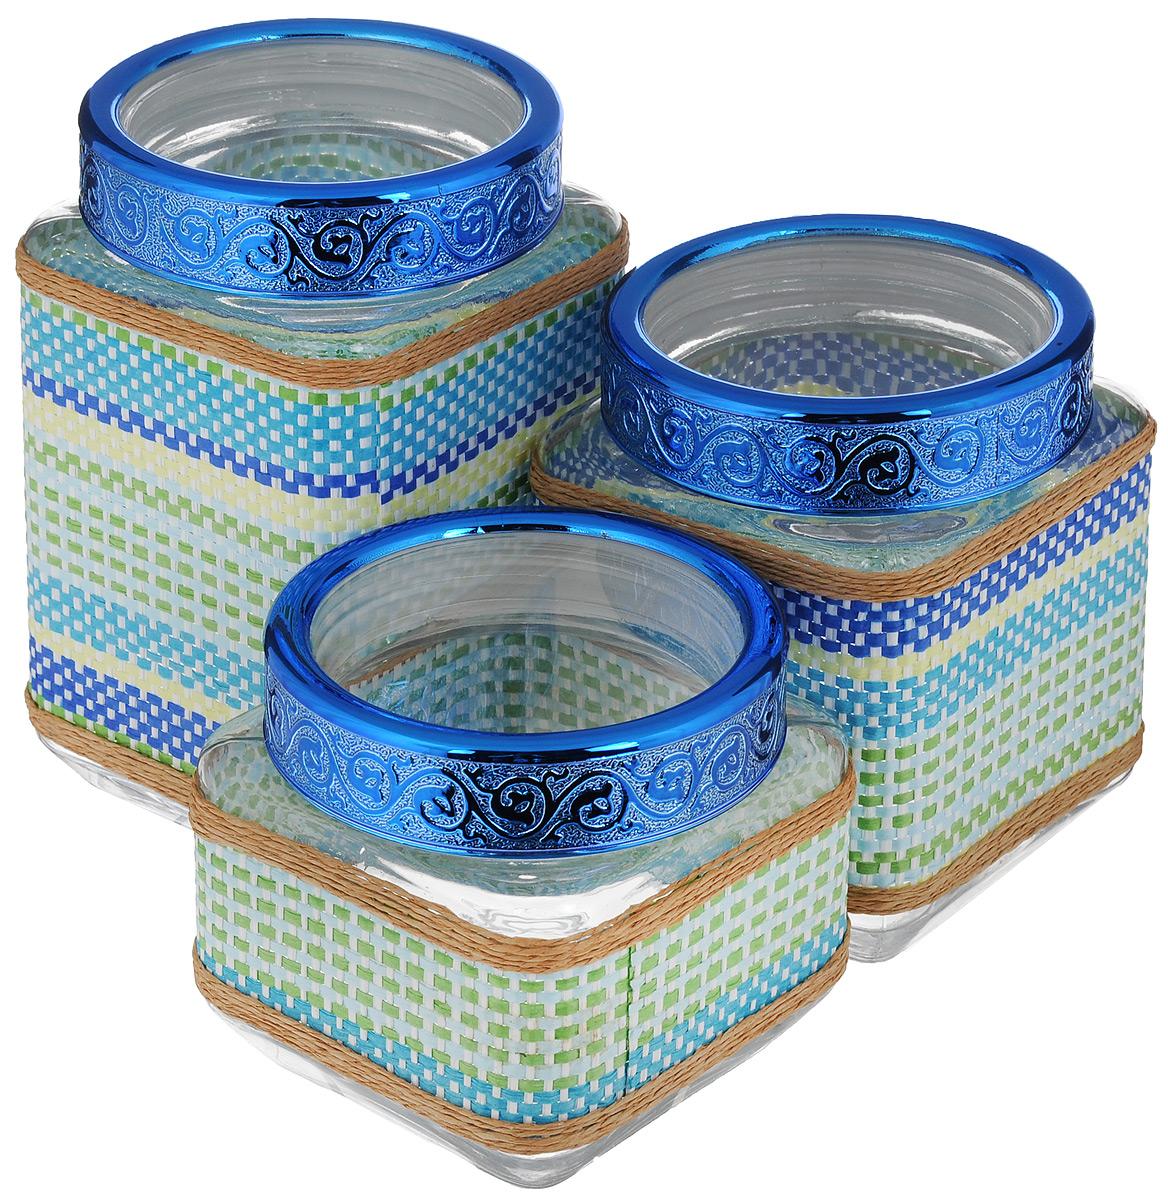 Набор банок для сыпучих продуктов Mayer & Boch, 3 шт. 2550825513Набор Mayer & Boch состоит из трех банок разного объема, предназначенных для хранения сыпучих продуктов. Банки выполнены из высококачественного стекла и декорированы оригинальными вставками из соломы и полиуретана. Крышки из АБС пластика декорированы изысканным рельефом. Банки прекрасно подходят для круп, орехов, сухофруктов, чая, кофе, сахара и других сыпучих продуктов. Герметичное закрытие позволяет сохранить продукты свежими. Оригинальный необычный дизайн стильно дополнит интерьер кухни. Такой набор станет желанным подарком для любой хозяйки. Объем банок: 770 мл, 1,15 л, 1,6 л. Размер банок: 11 х 11 х 11 см; 11 х 11 х 15 см; 11 х 11 х 19 см.